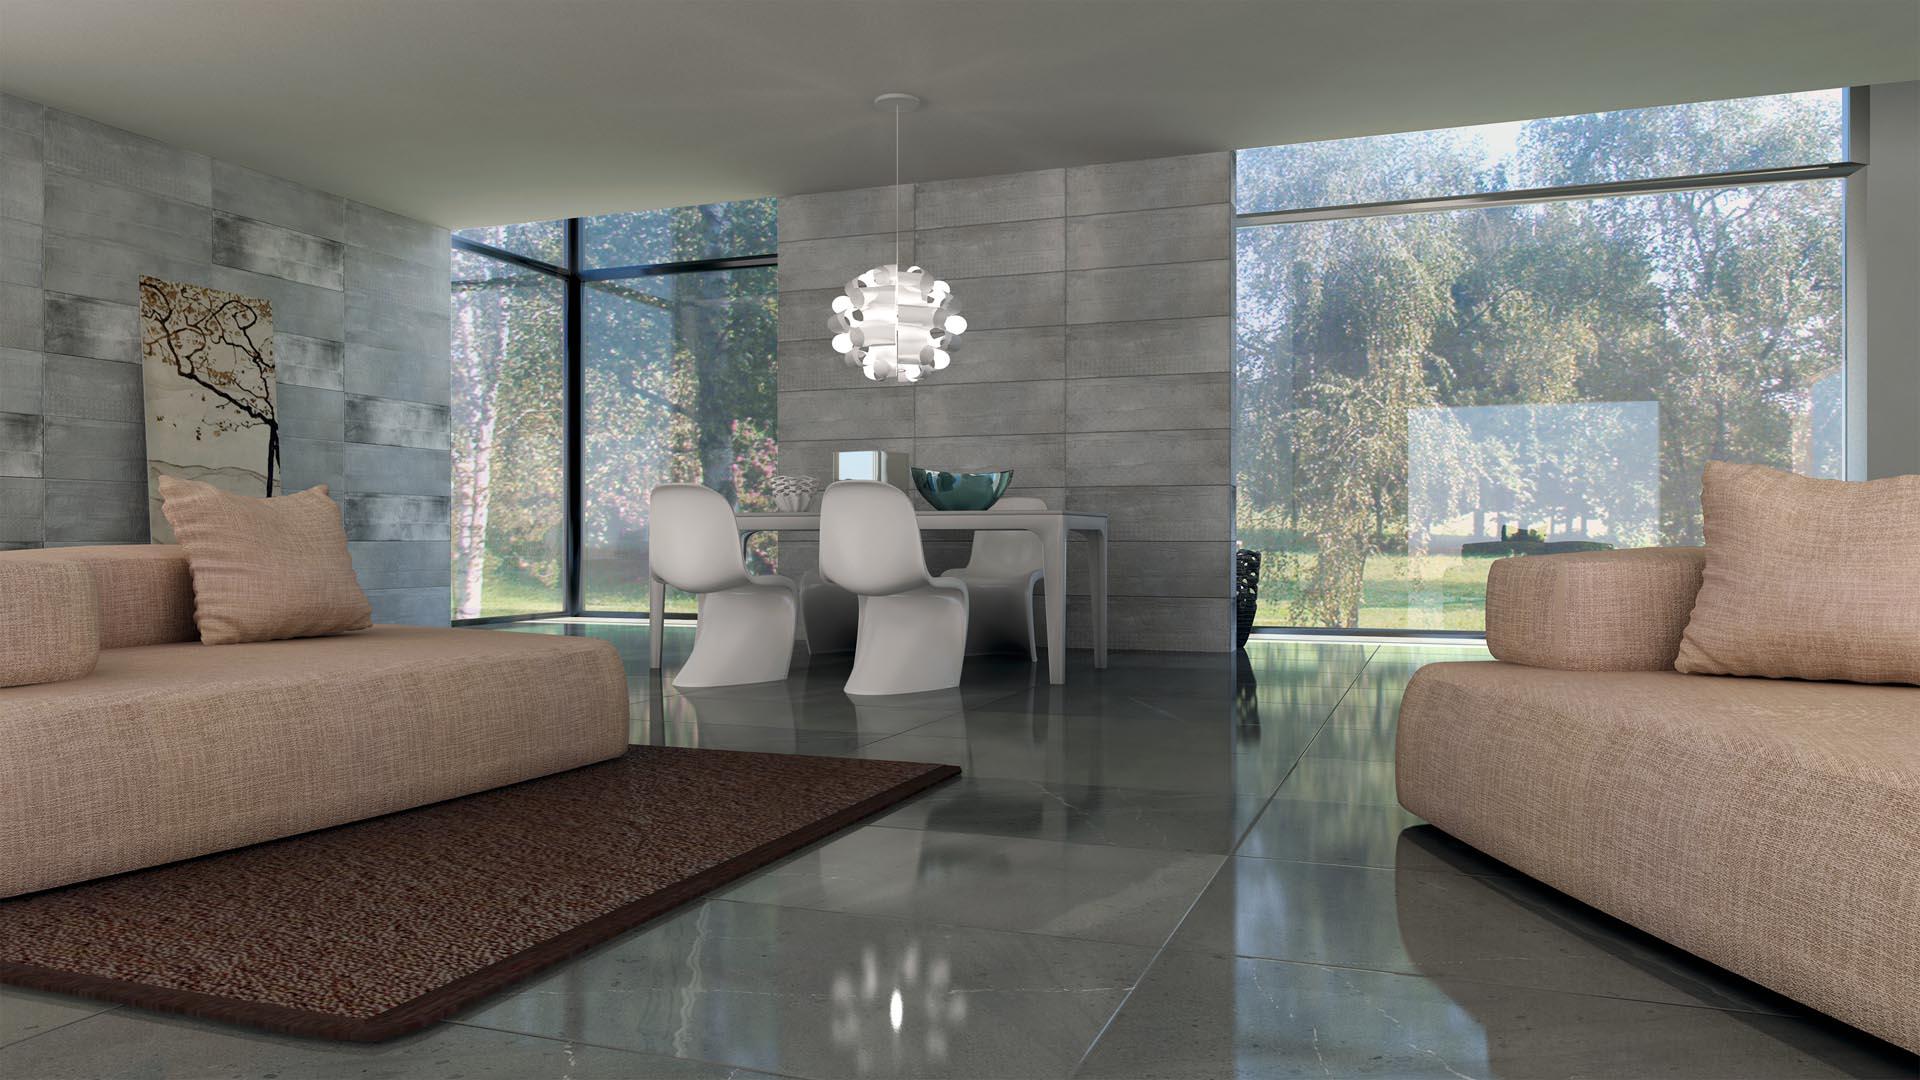 Proveedores para empresas y particulares de materiales de decoración de interiores